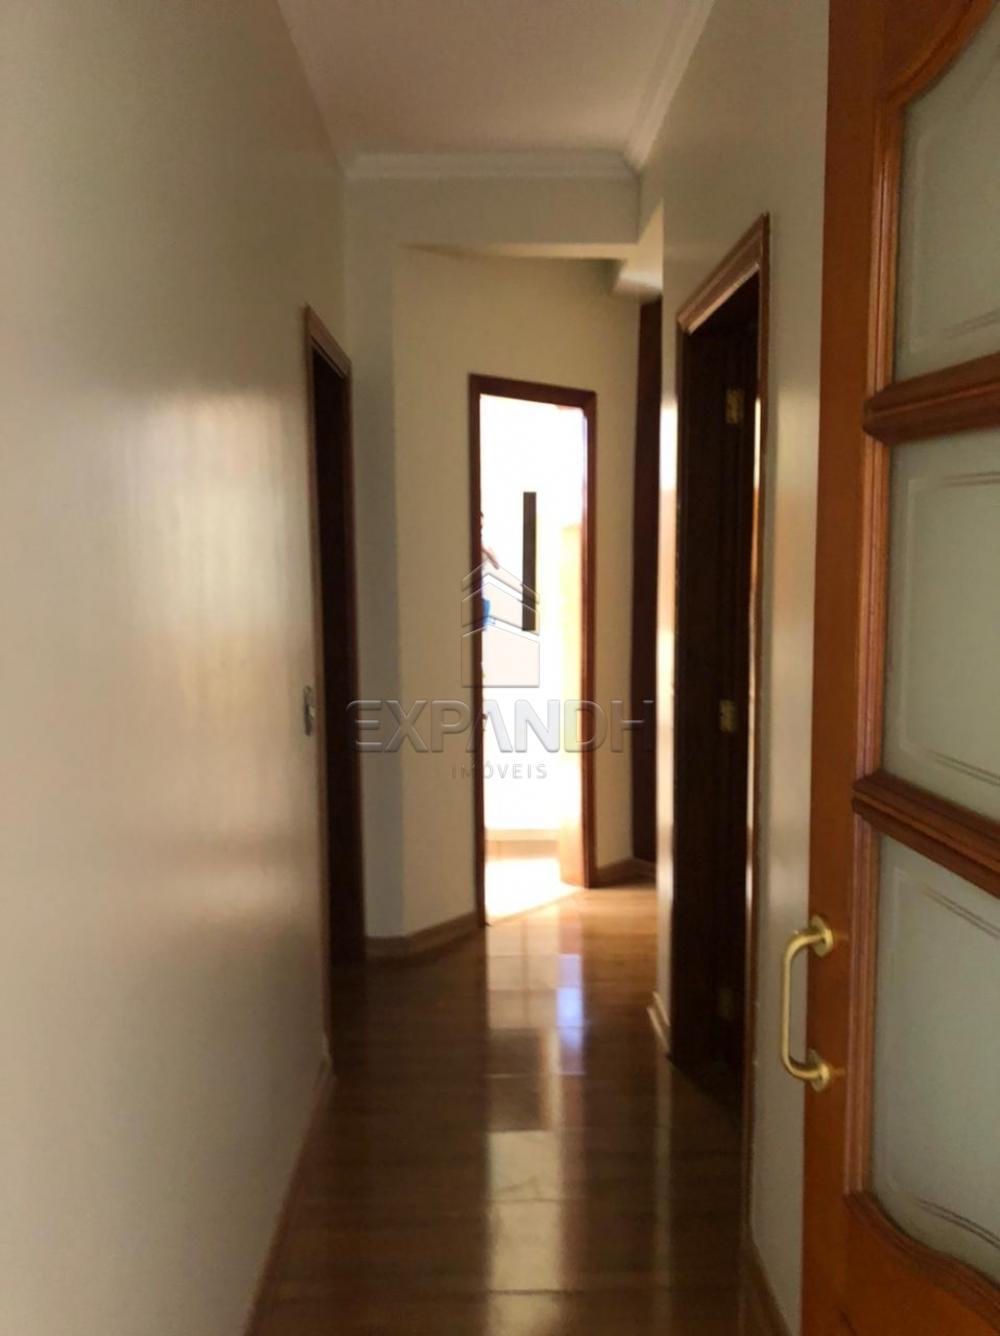 Alugar Apartamentos / Padrão em Sertãozinho R$ 1.350,00 - Foto 14